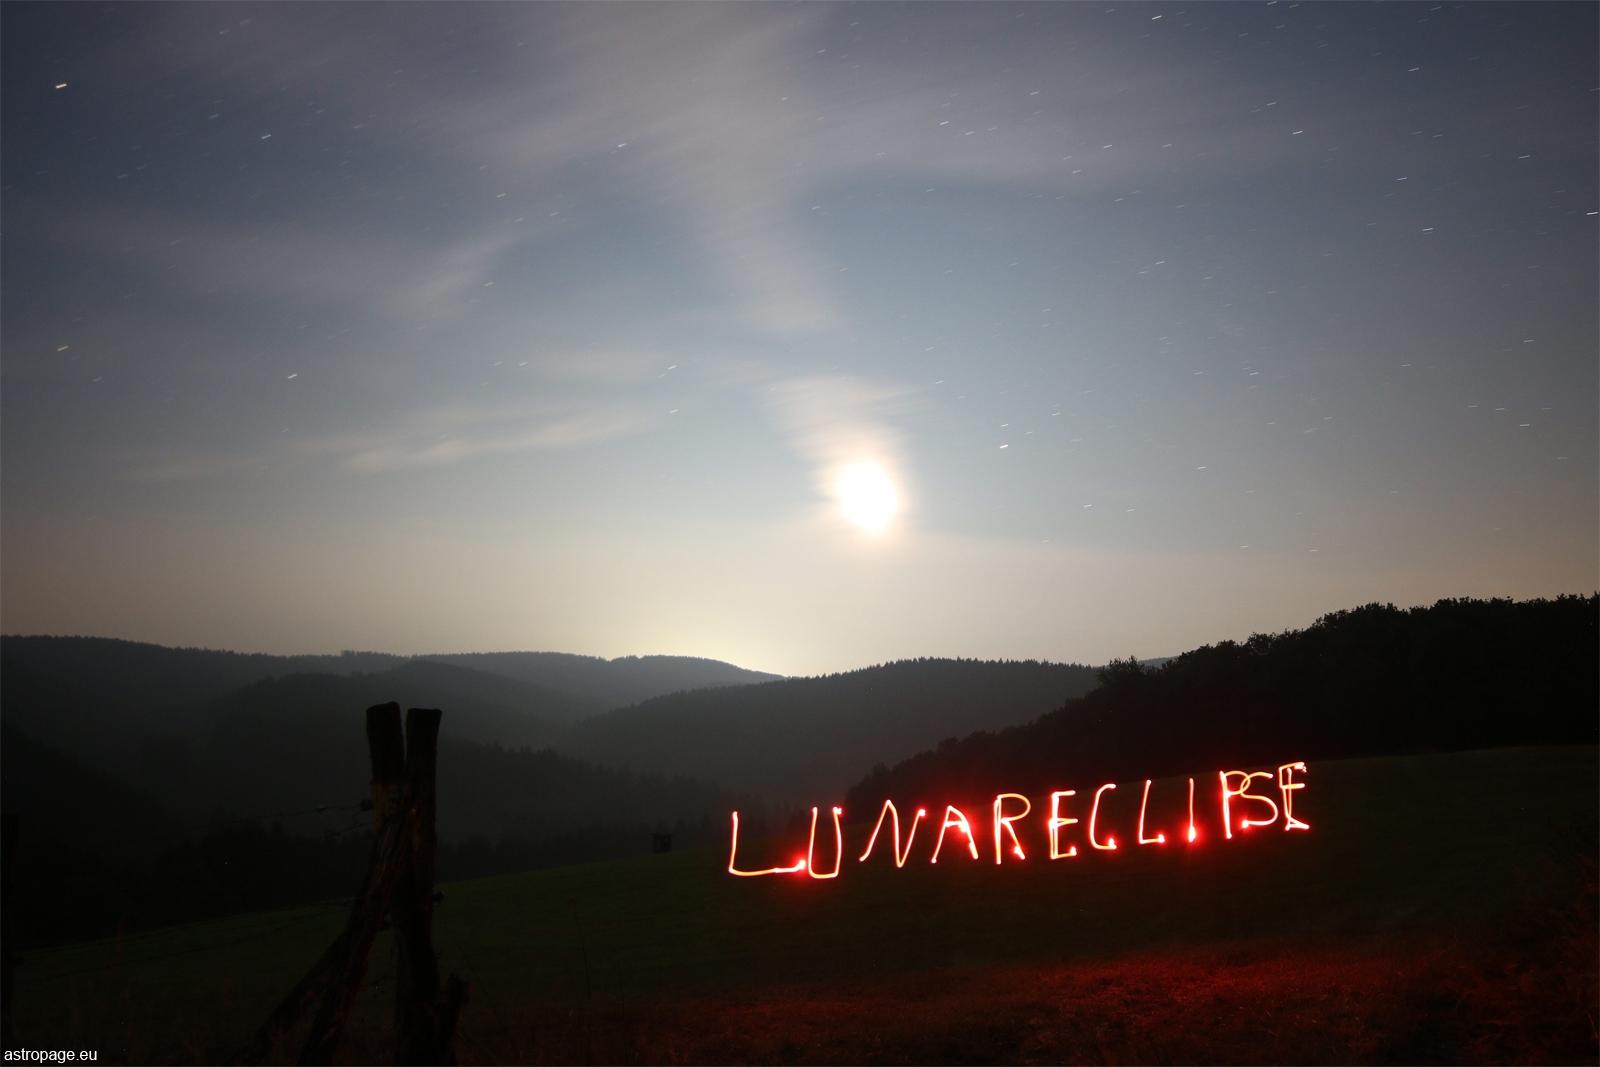 Partielle Mondfinsternis vom 16. Juli 2019 (überbelichtete Weitwinkelaufnahme). (Credit: astropage.eu)